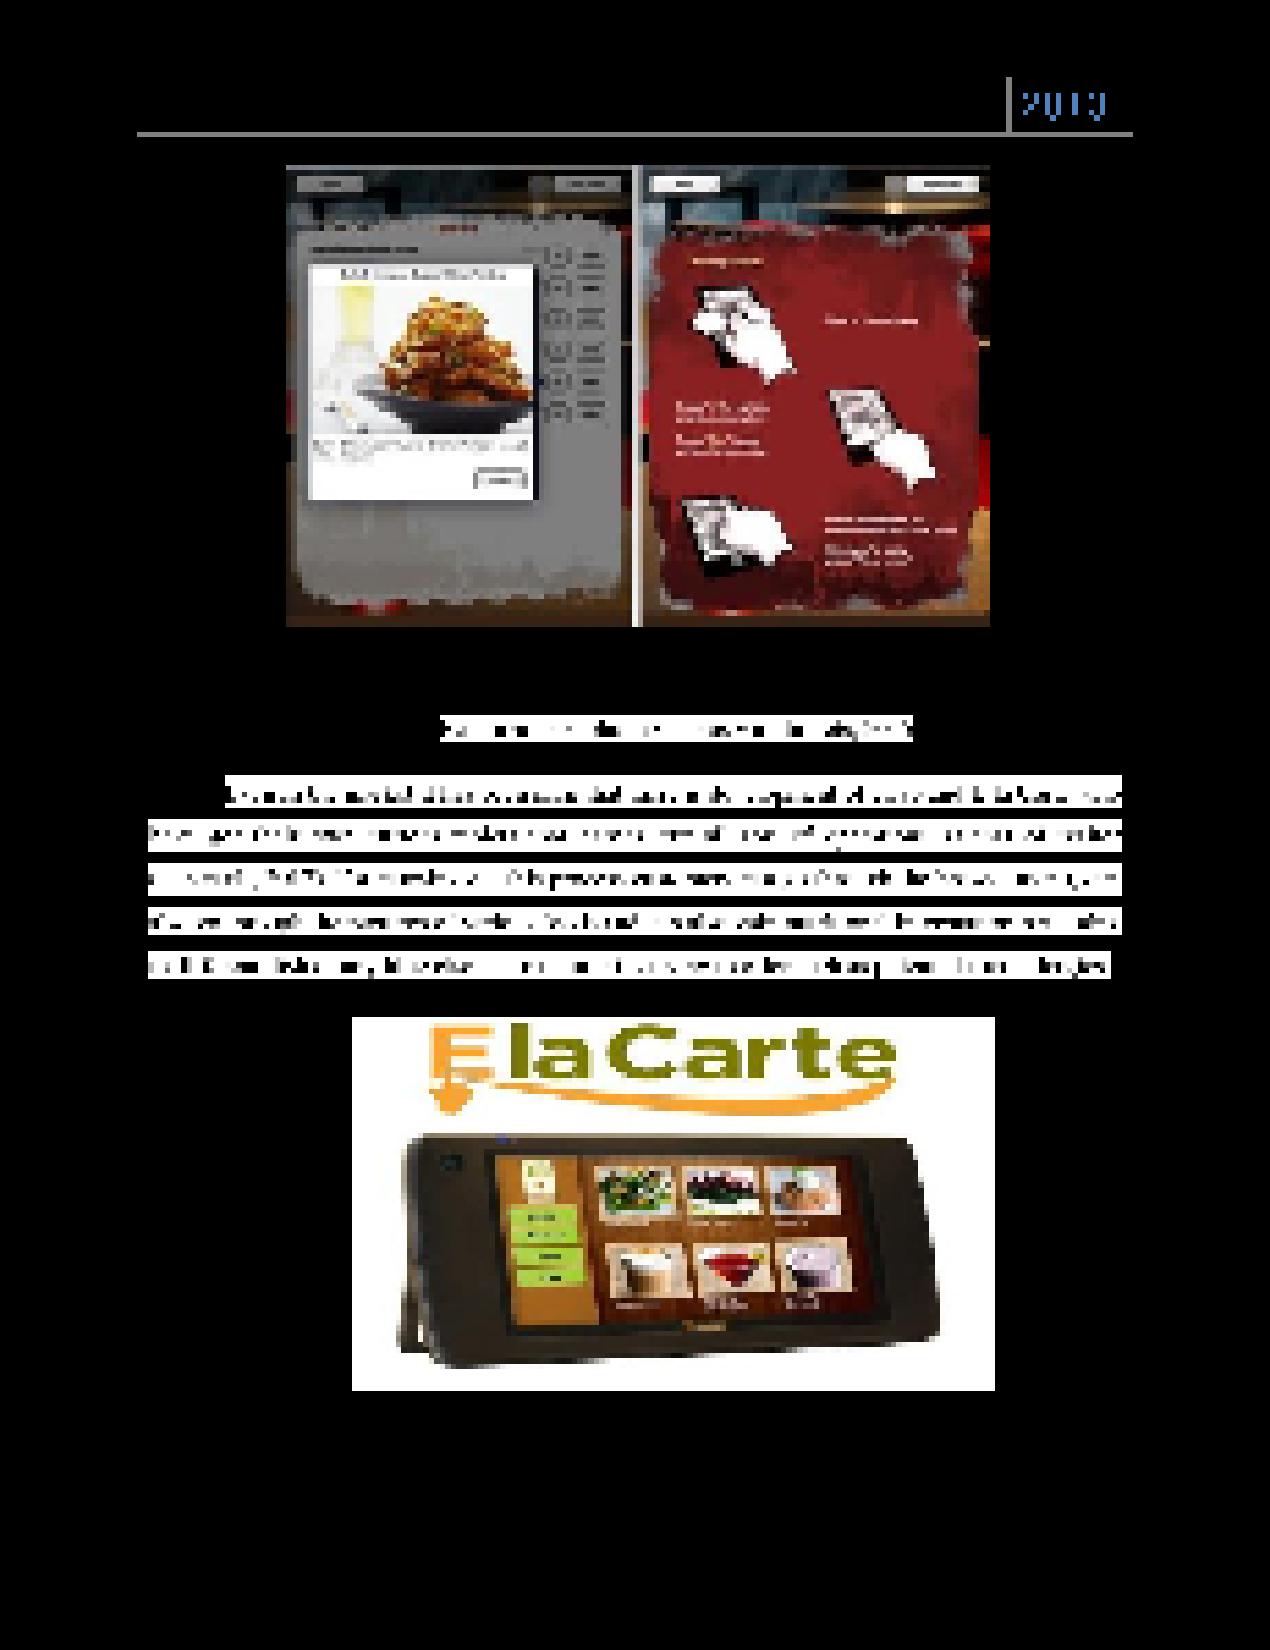 cheap assignment help studypool cheapassignmenthelp co uk 2013business innovation e restaurants cheapassignmenthelp com cheapassignmenthelp co